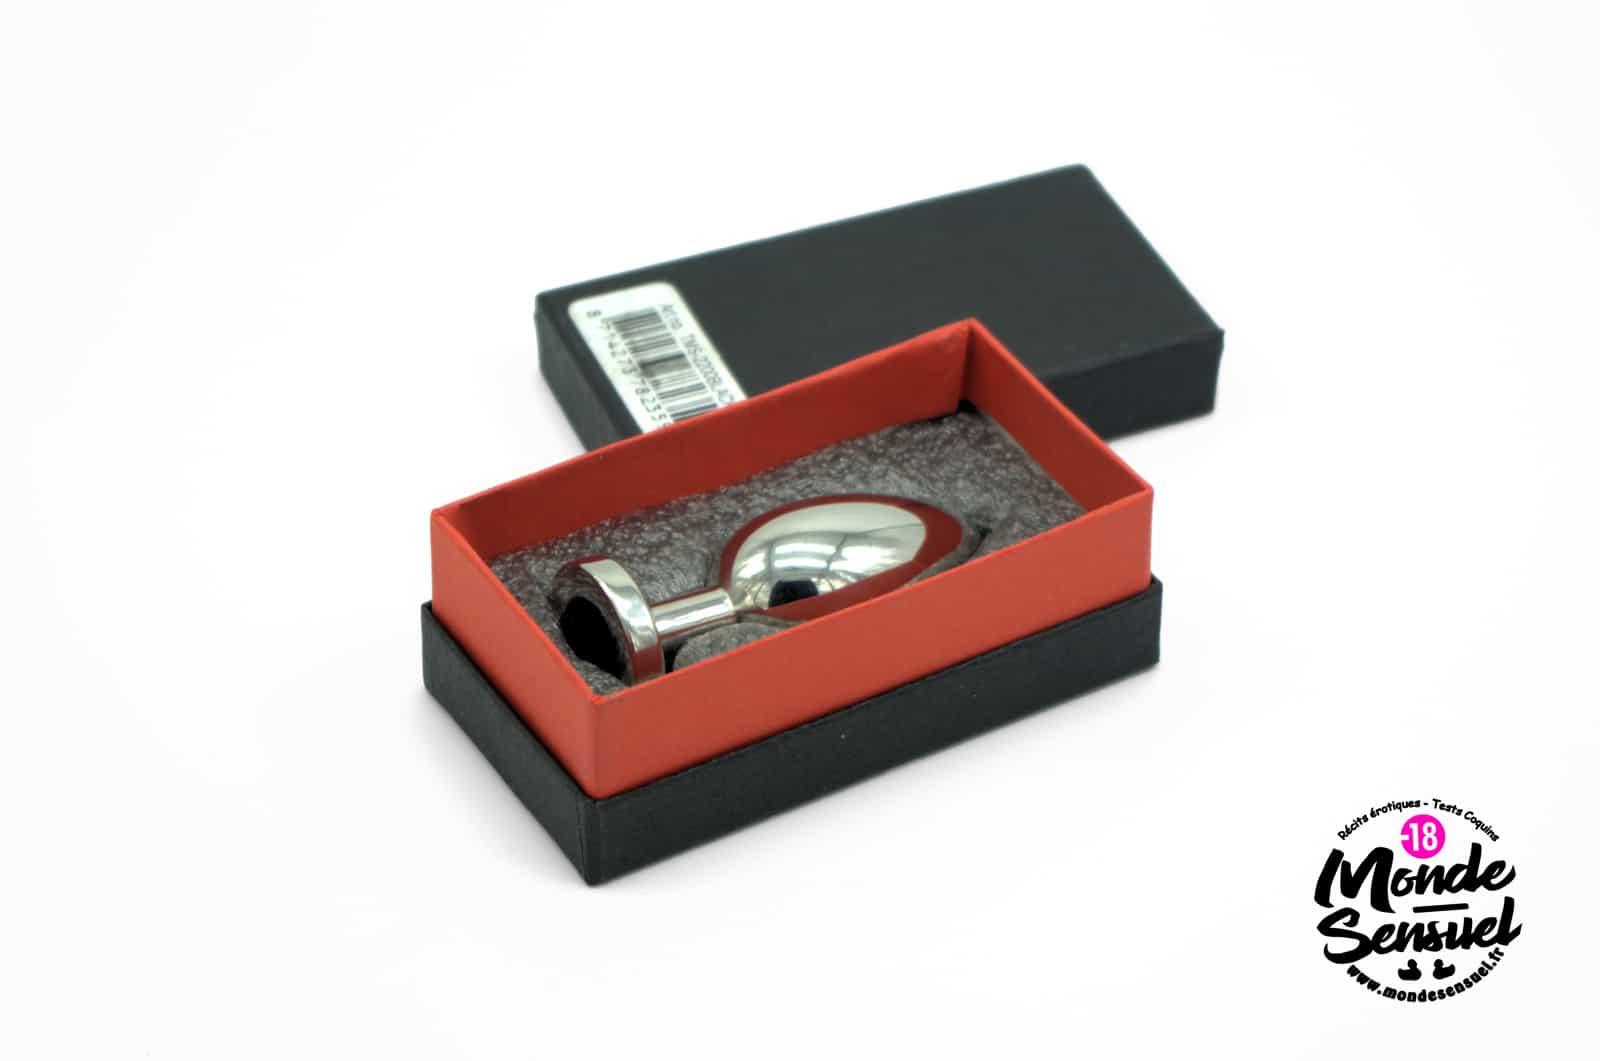 anal jewel packaging